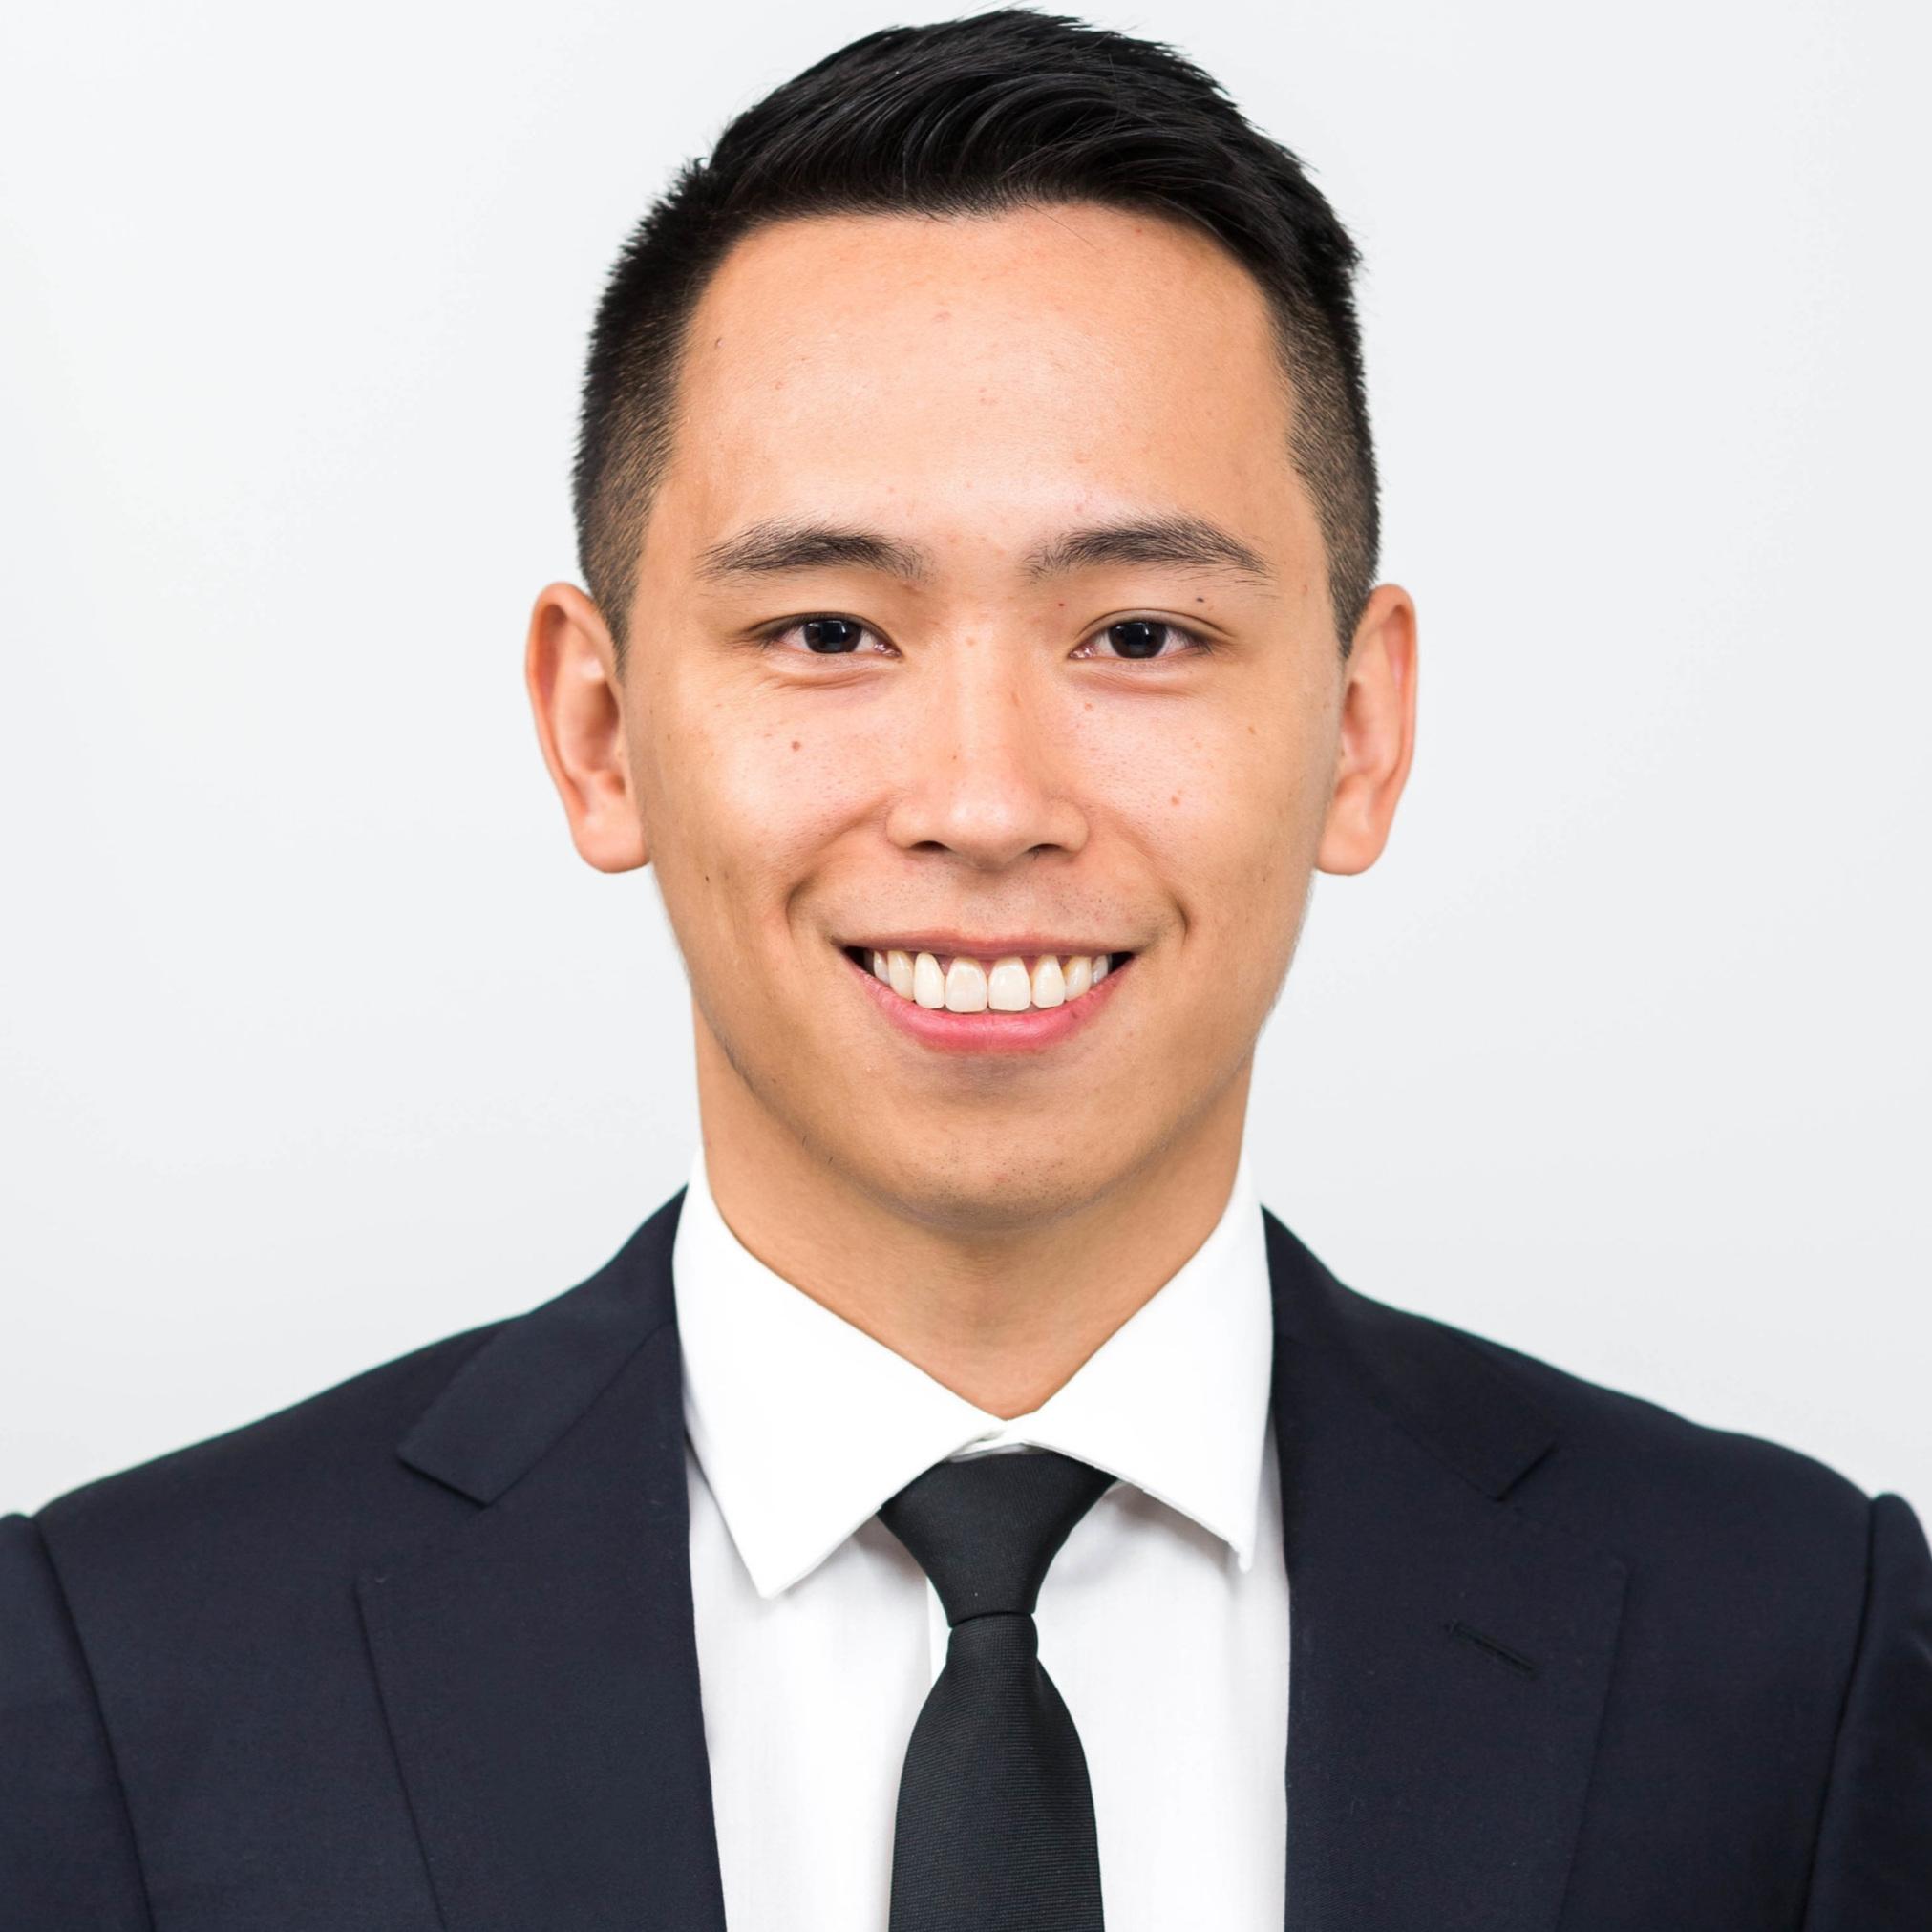 Shane_Zhang1%25282%2529.jpg